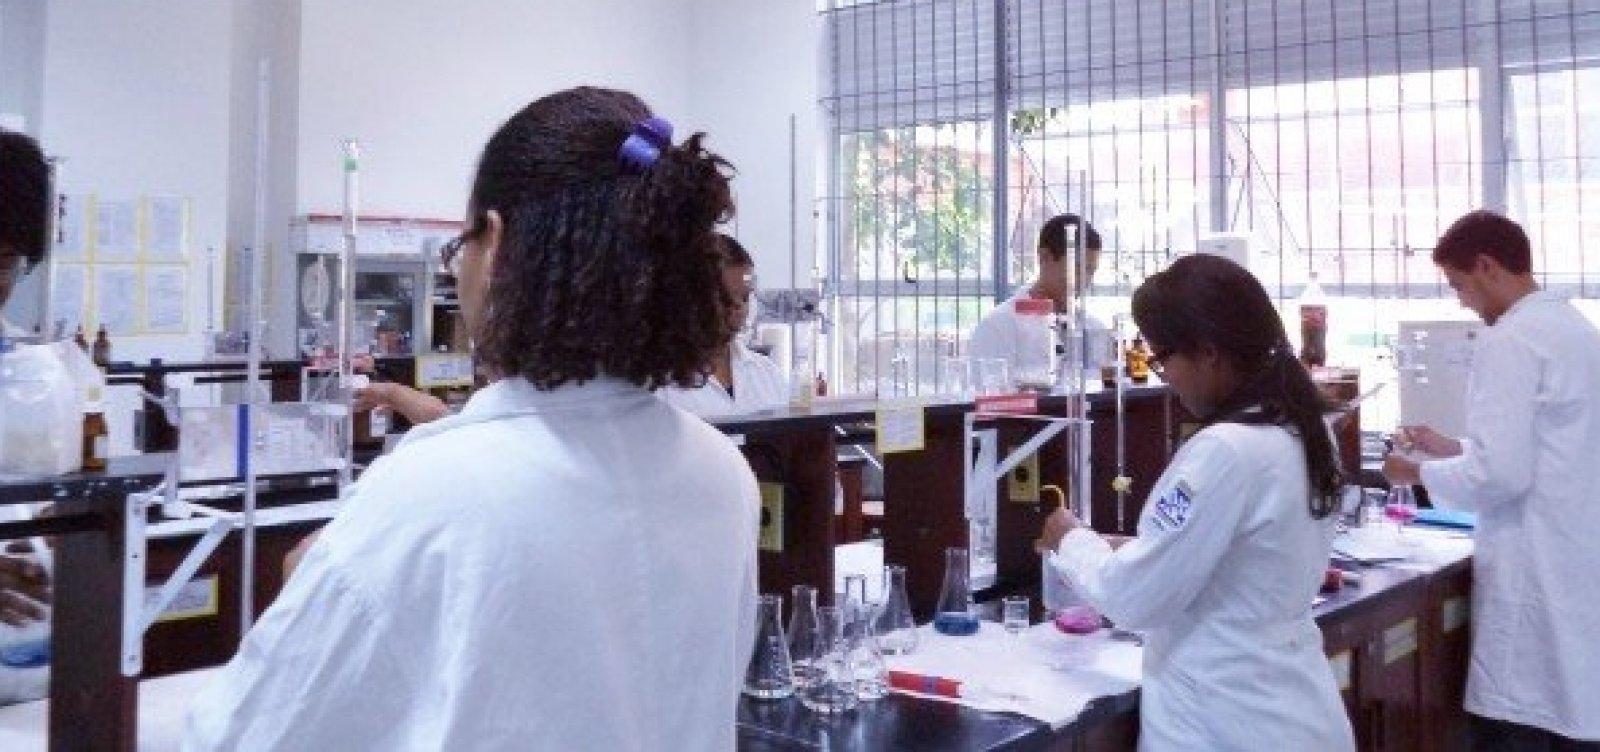 Vazamento de gás causa evacuação de Instituto de Química da Ufba